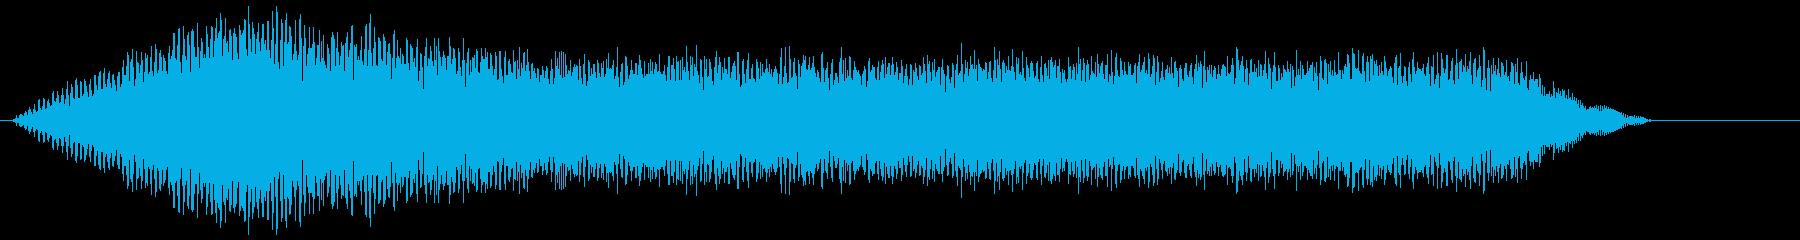 エネルギー・魔力#5の再生済みの波形